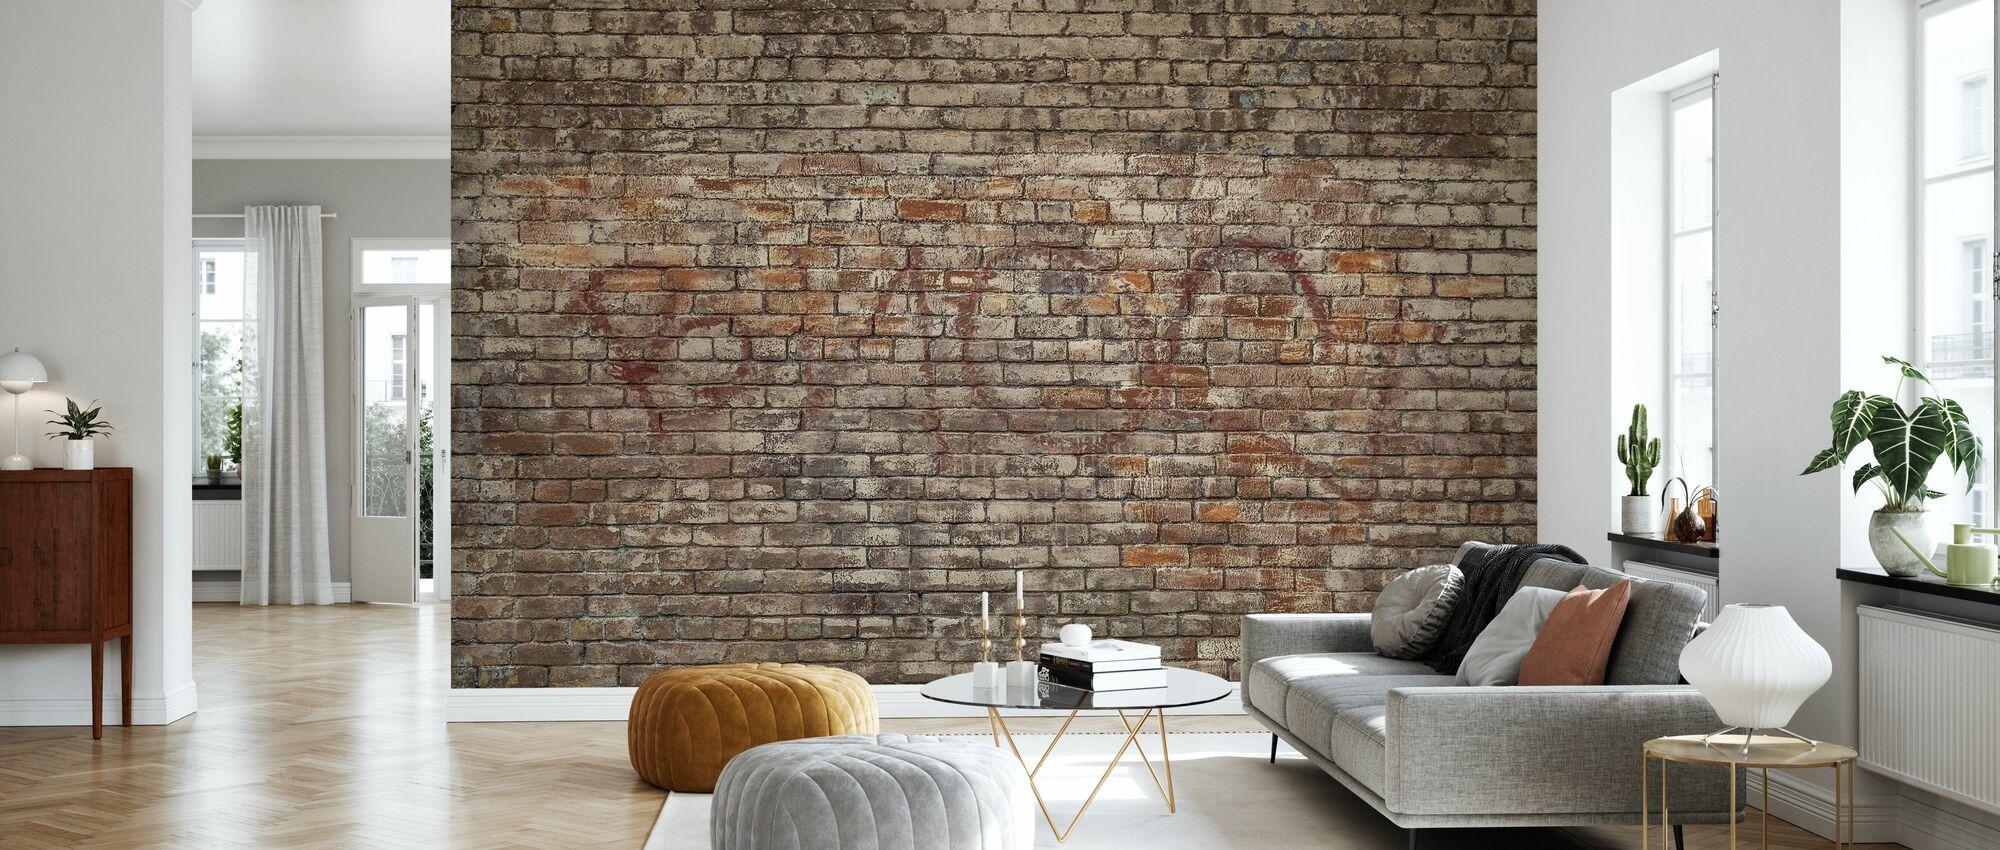 Ziegelmauer Graffiti - Tapete - Wohnzimmer